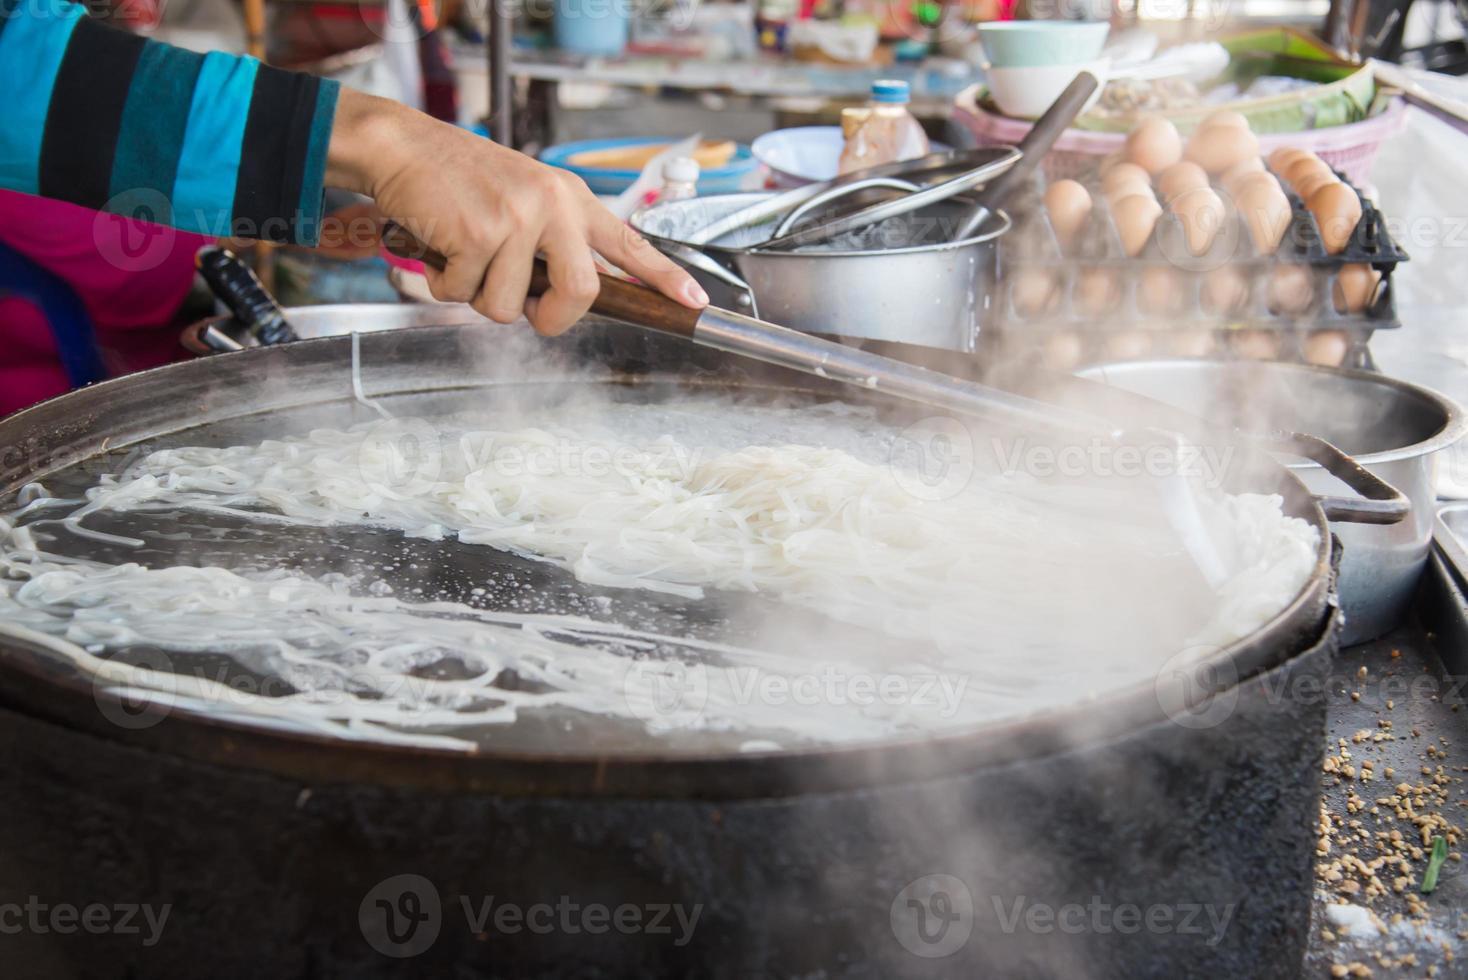 mensen koken. foto